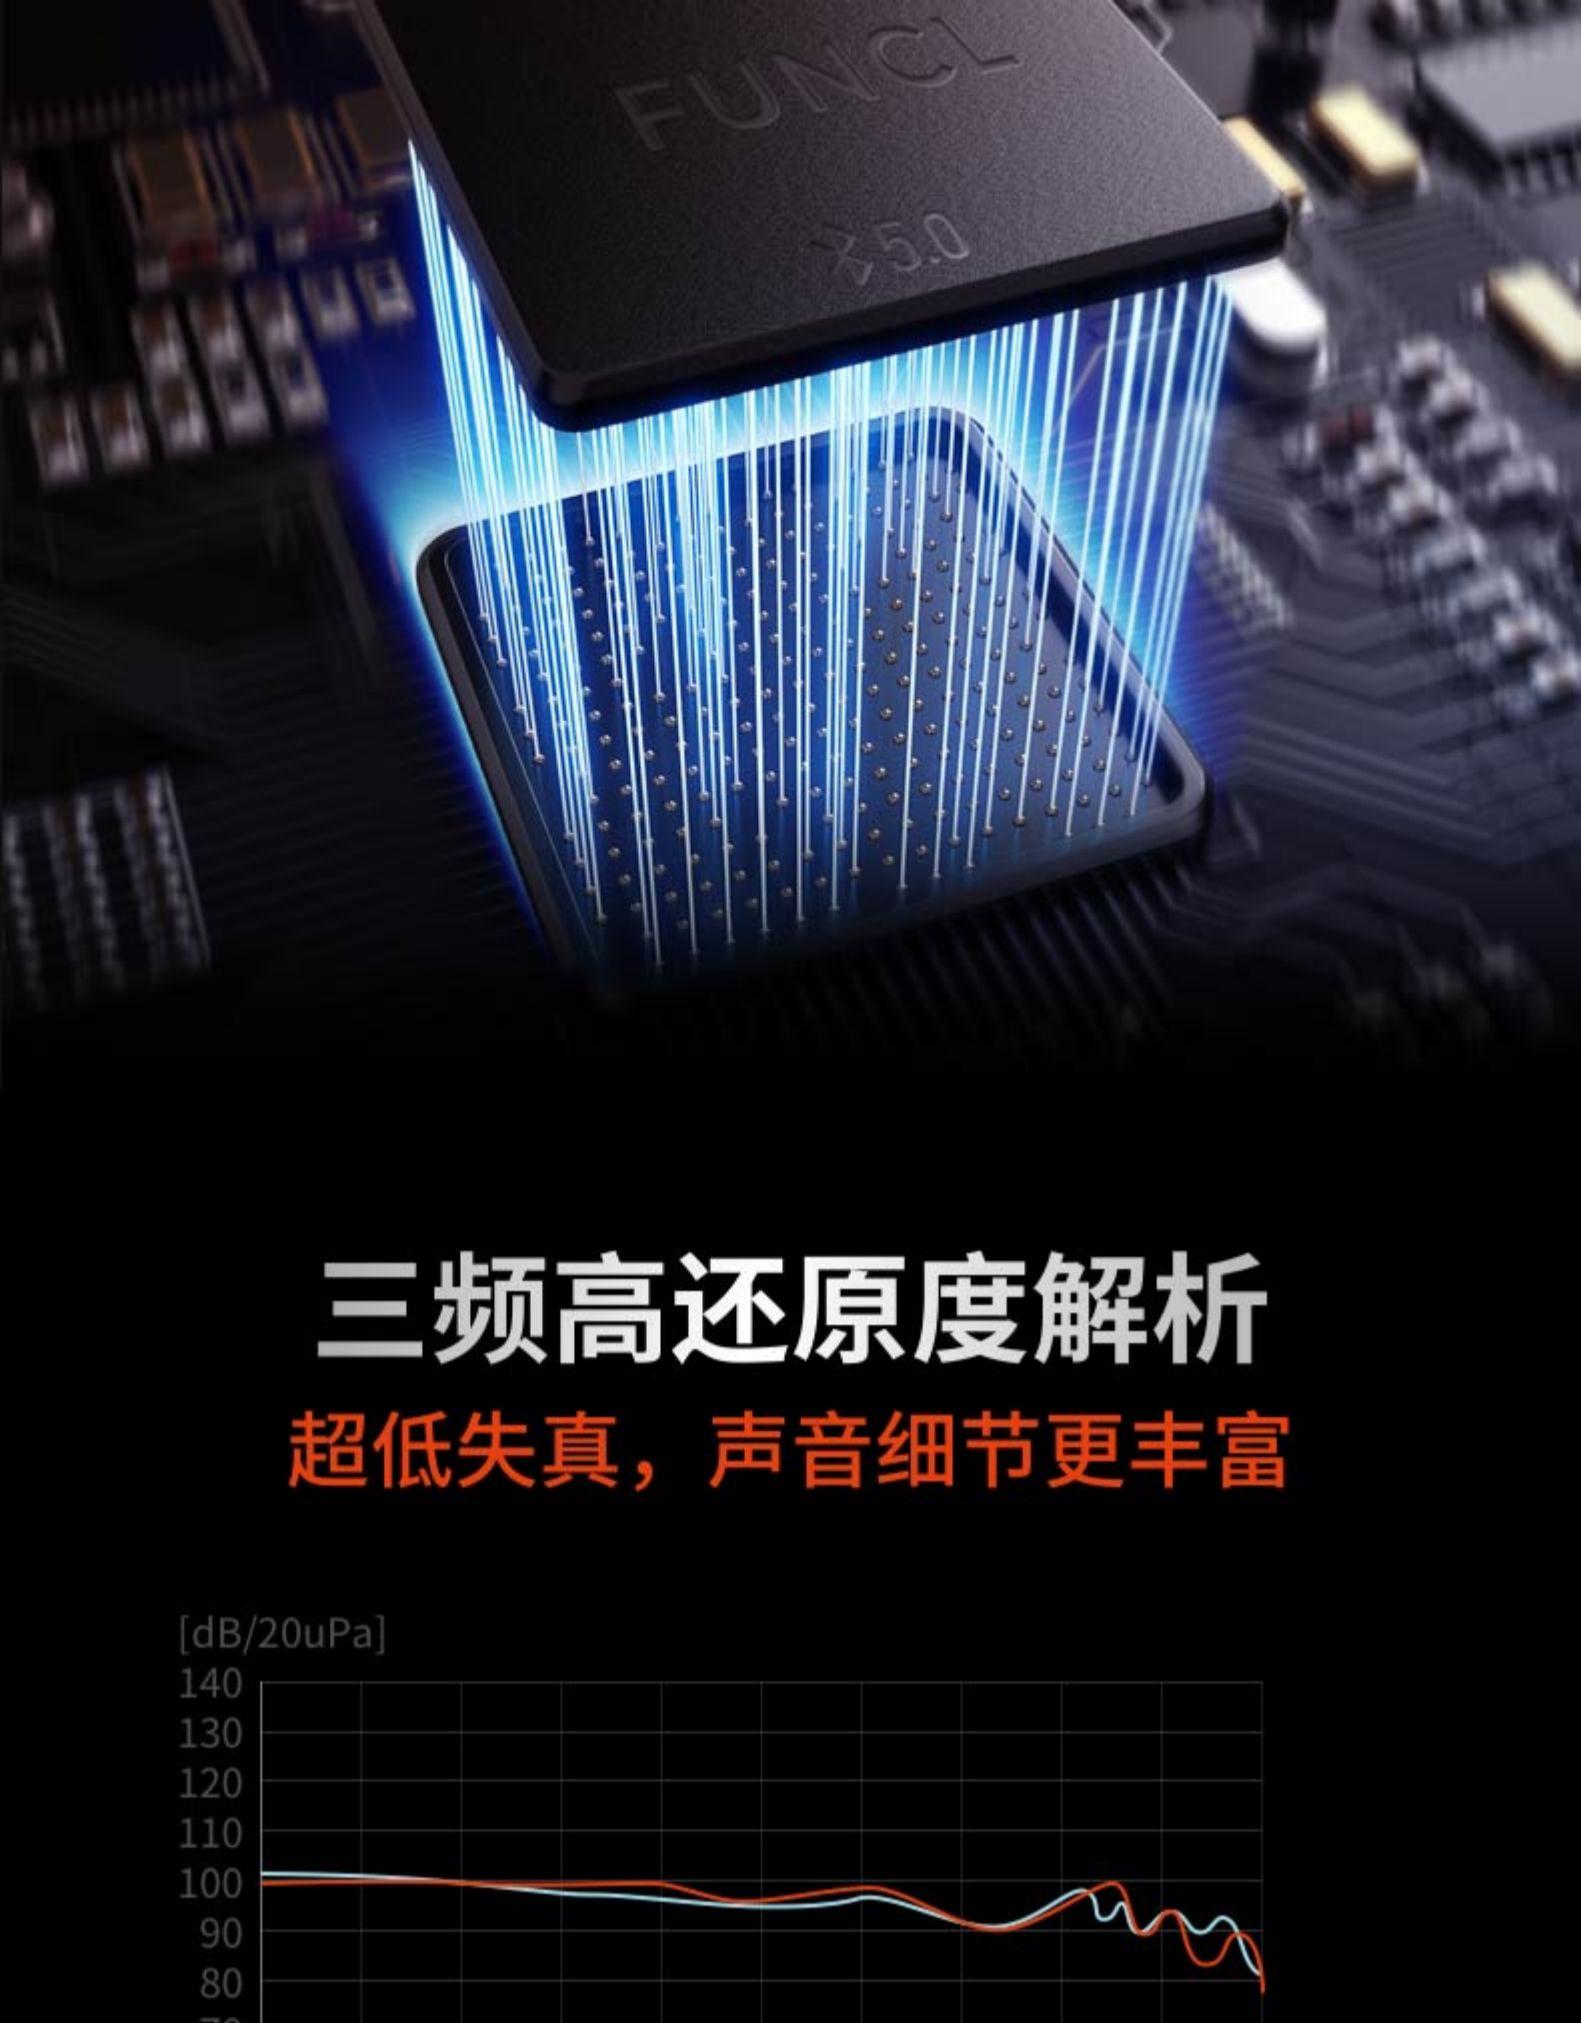 频高还原度解析超低失真,声音细节更丰富IdB/20uPa1401301201101009080-推好价 | 品质生活 精选好价